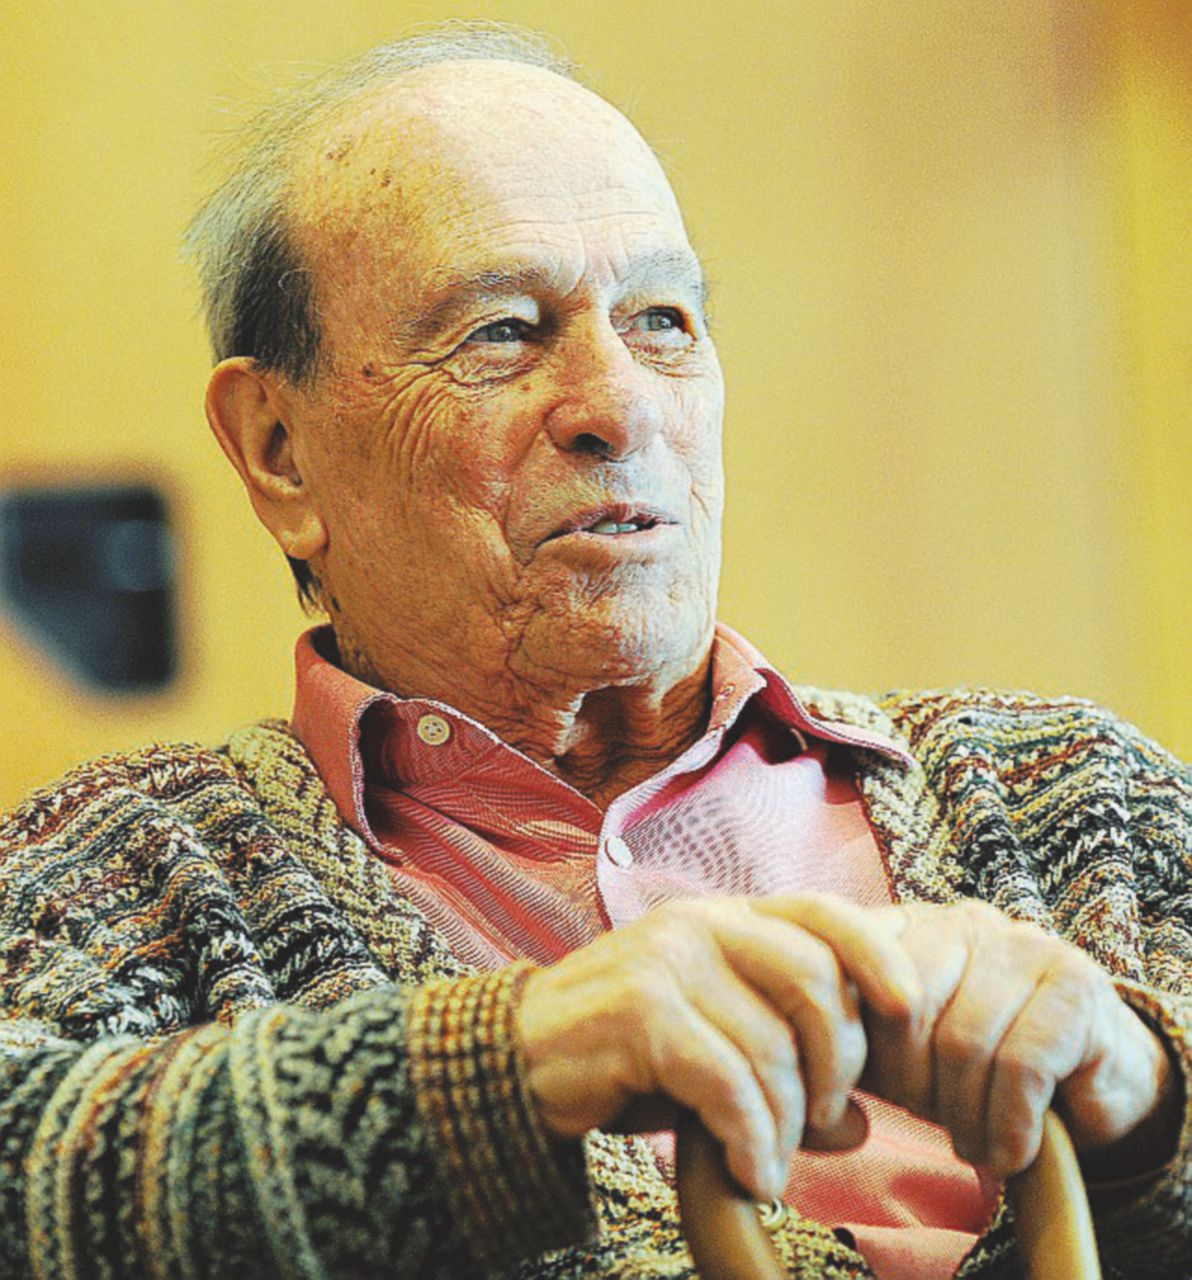 La memoria felice del partigiano Giorgio Bocca